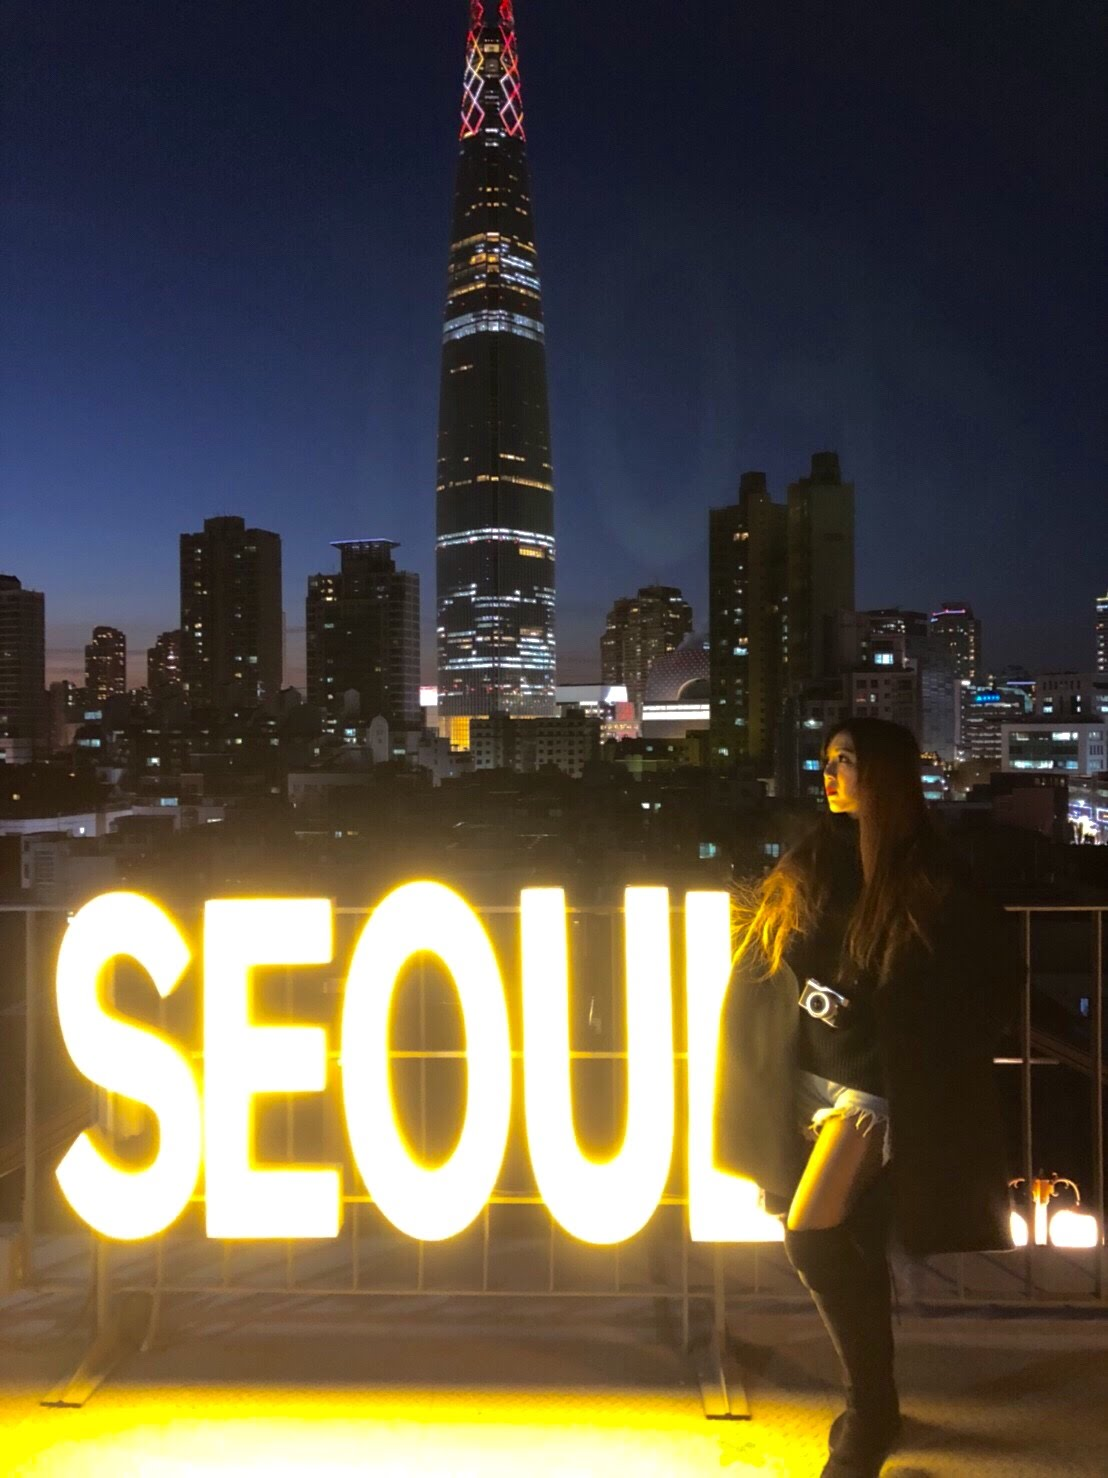 韓國首爾|首爾主義(Seoulism)咖啡廳 夕陽絕美第一選擇的SKY CAFE